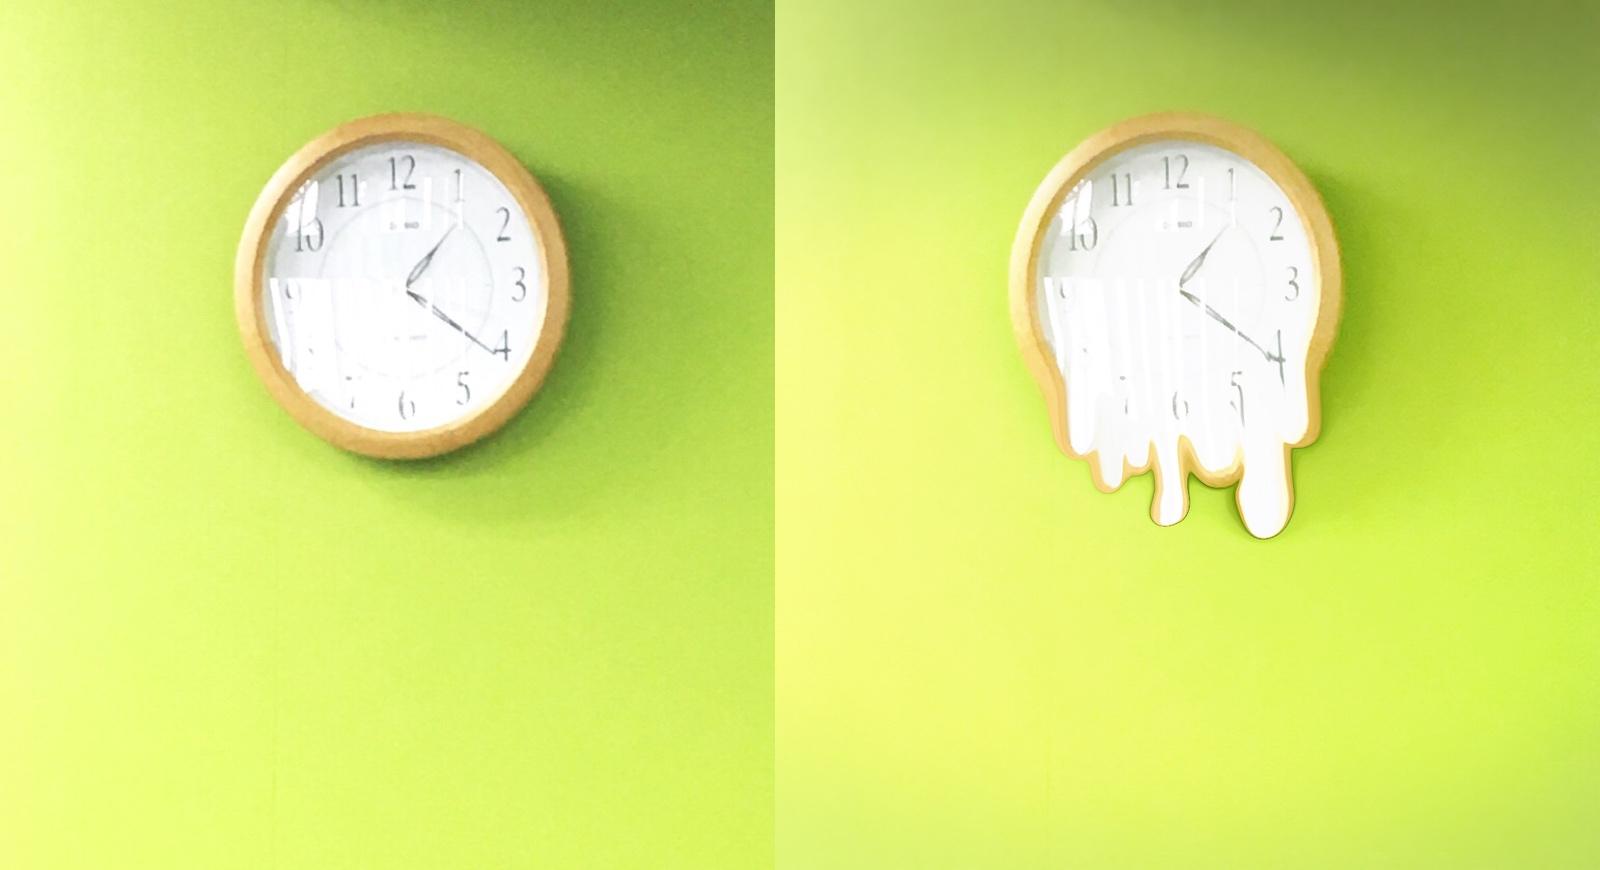 インスタ溶けちゃった加工の時計